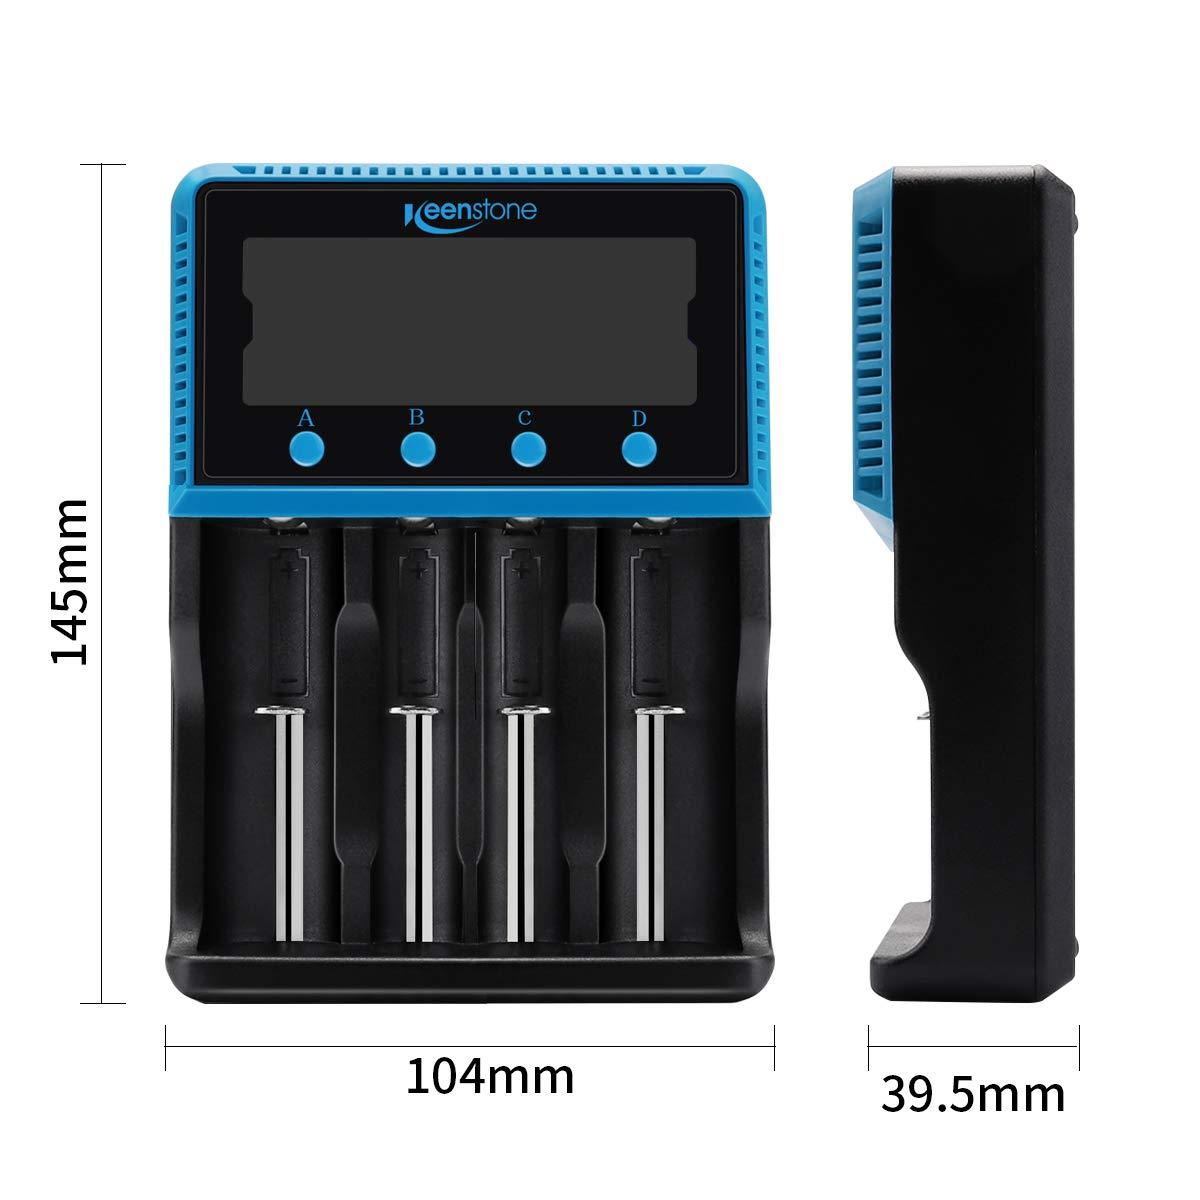 Keenstone Caricabatteria Ricaricabile 18650 Caricabatterie Universale, Ampio schermo LCD per Monitor Adatto Ni-CD Ni-CD AA AA Li-LiON LiFePO4 IMR 10440 14500 16340 18650 RCR123 26650